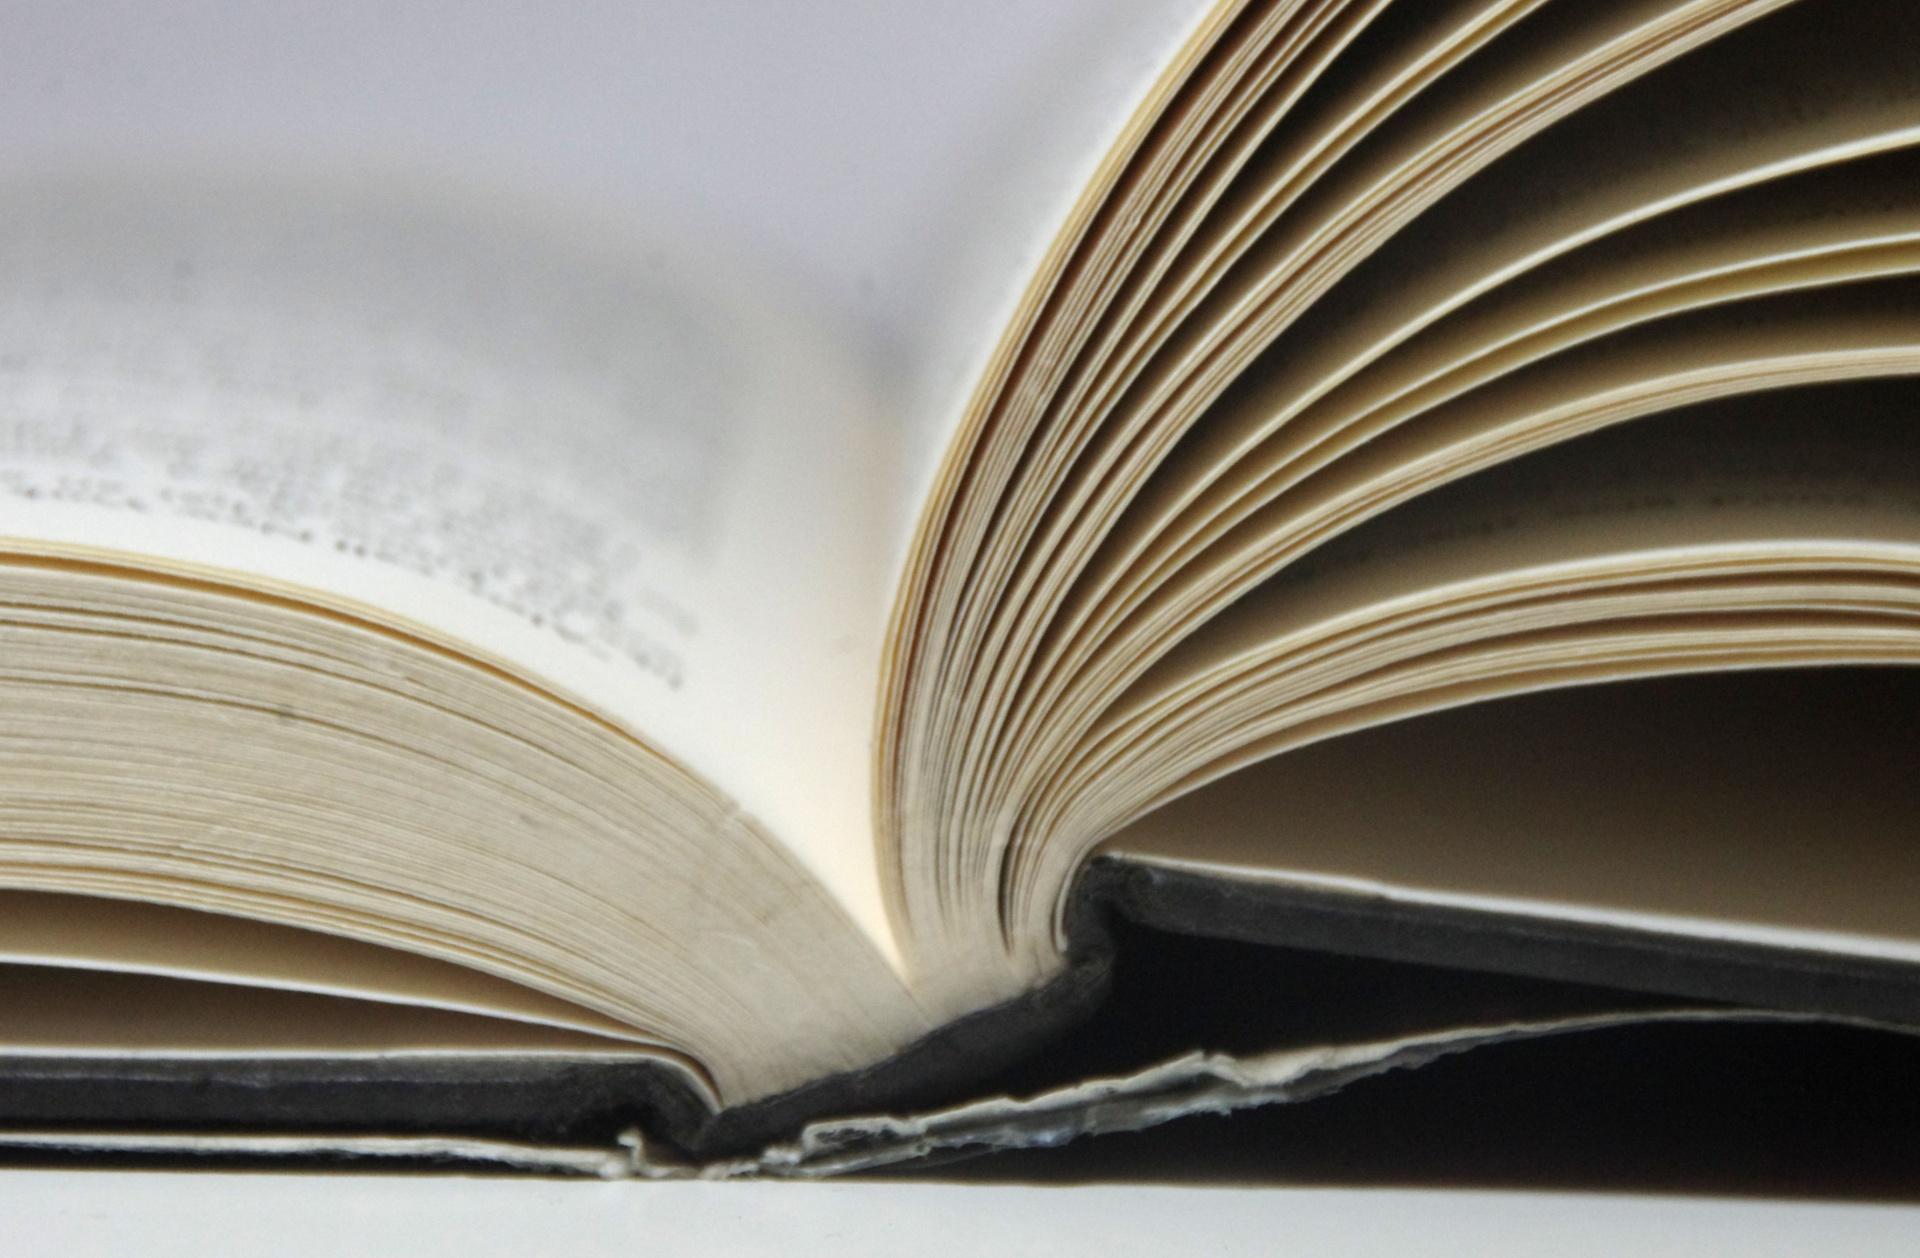 Các Hình ảnh cuốn sách mở ra